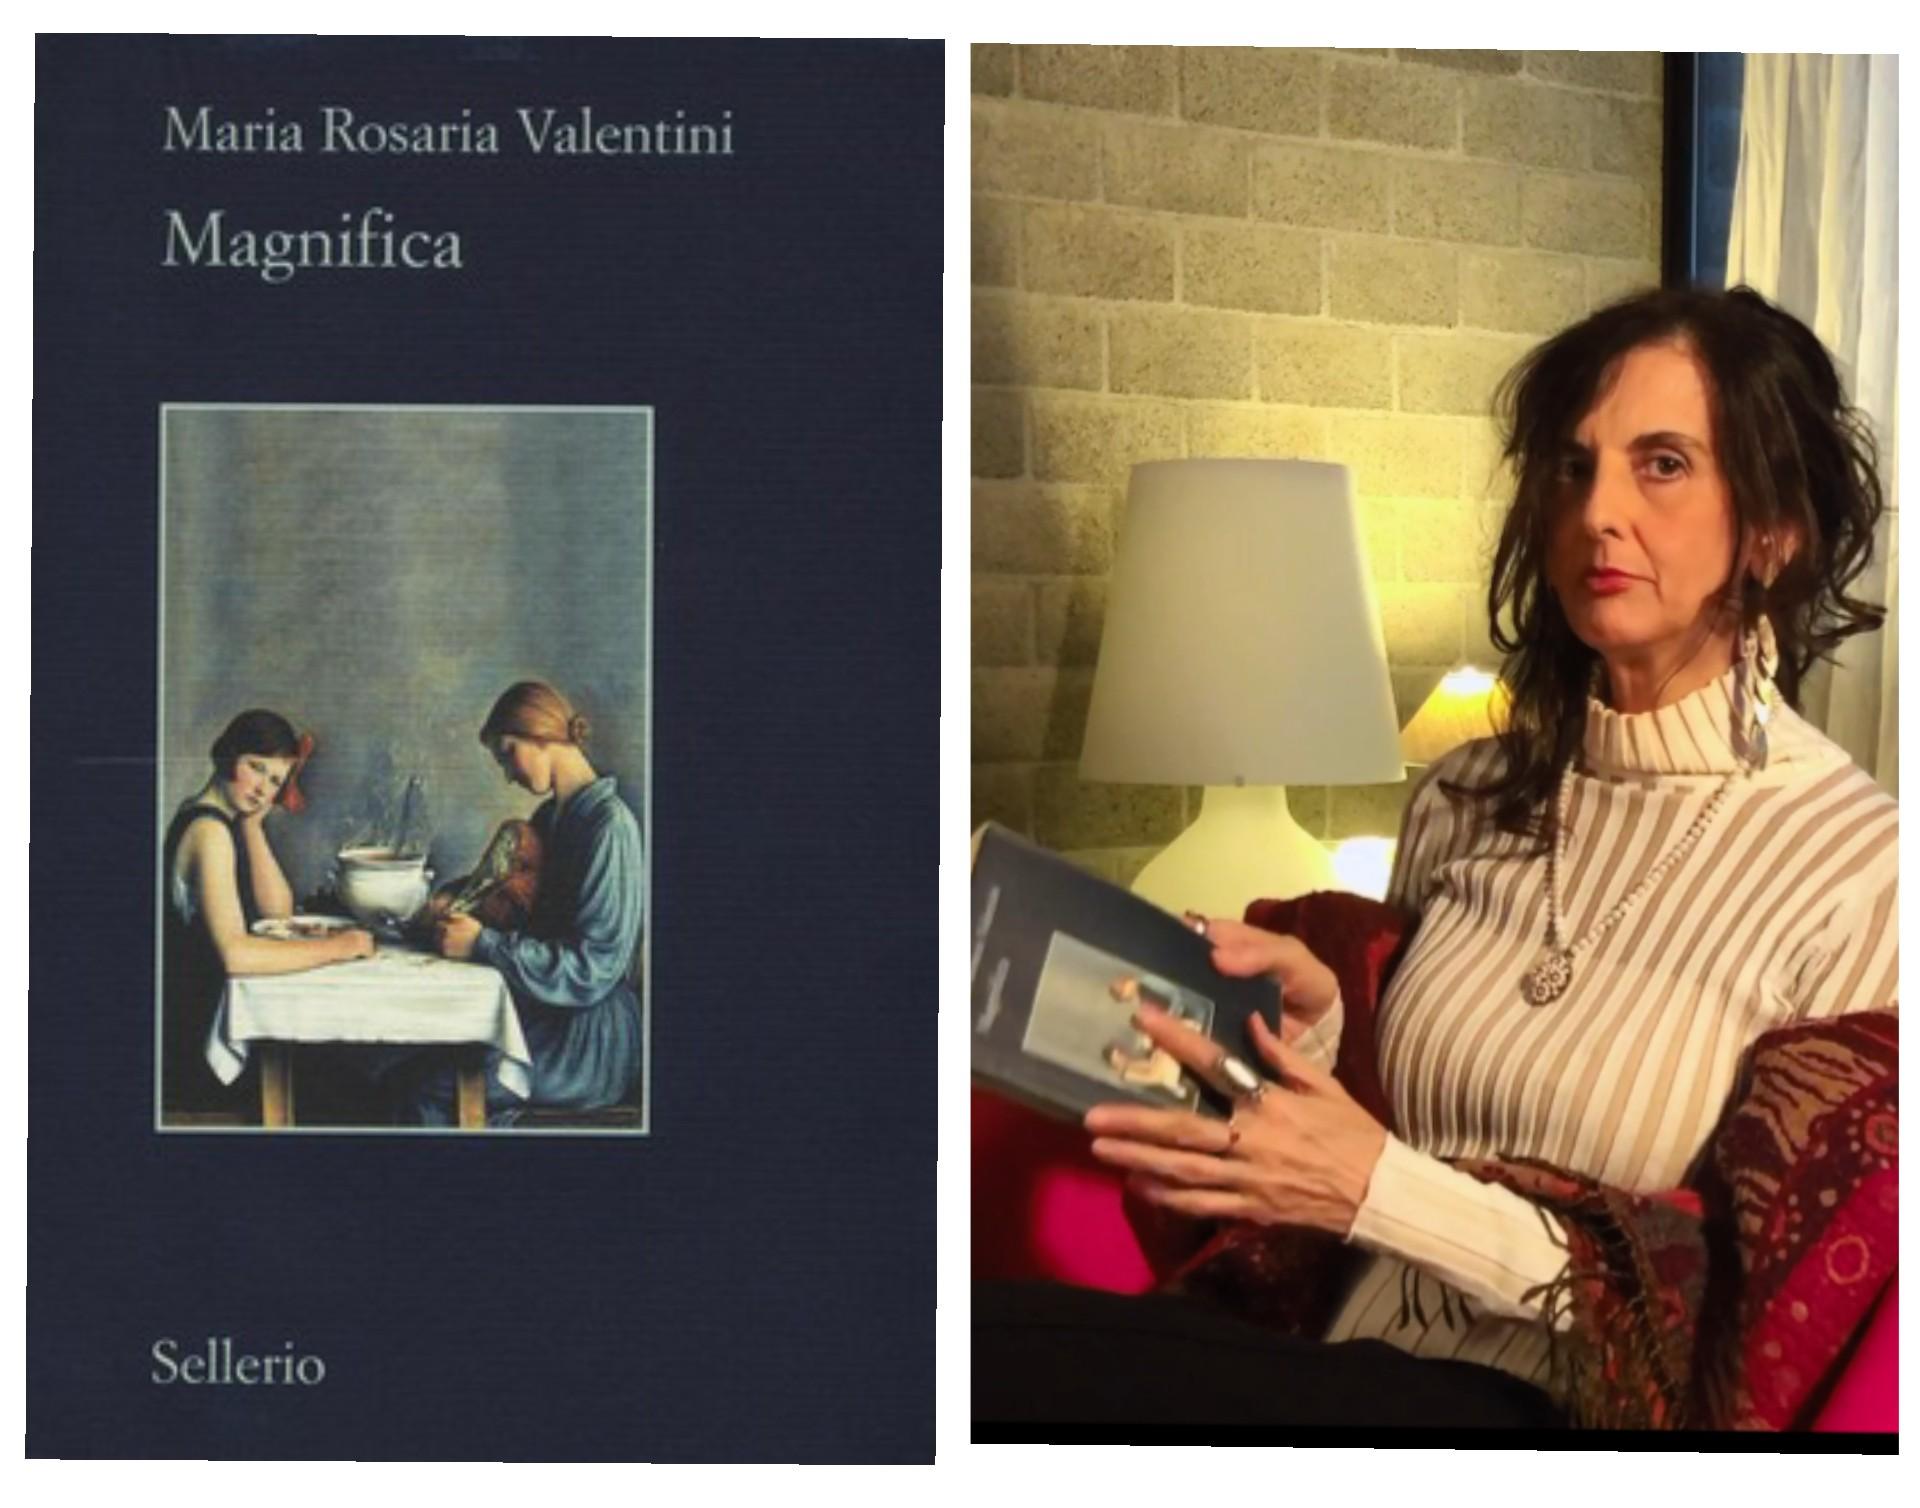 """""""Ve lo legge lo scrittore"""" stasera ospite del Blog c'è Maria Rosaria Valentini autrice del romanzo """"Magnifica"""" edito da Sellerio"""